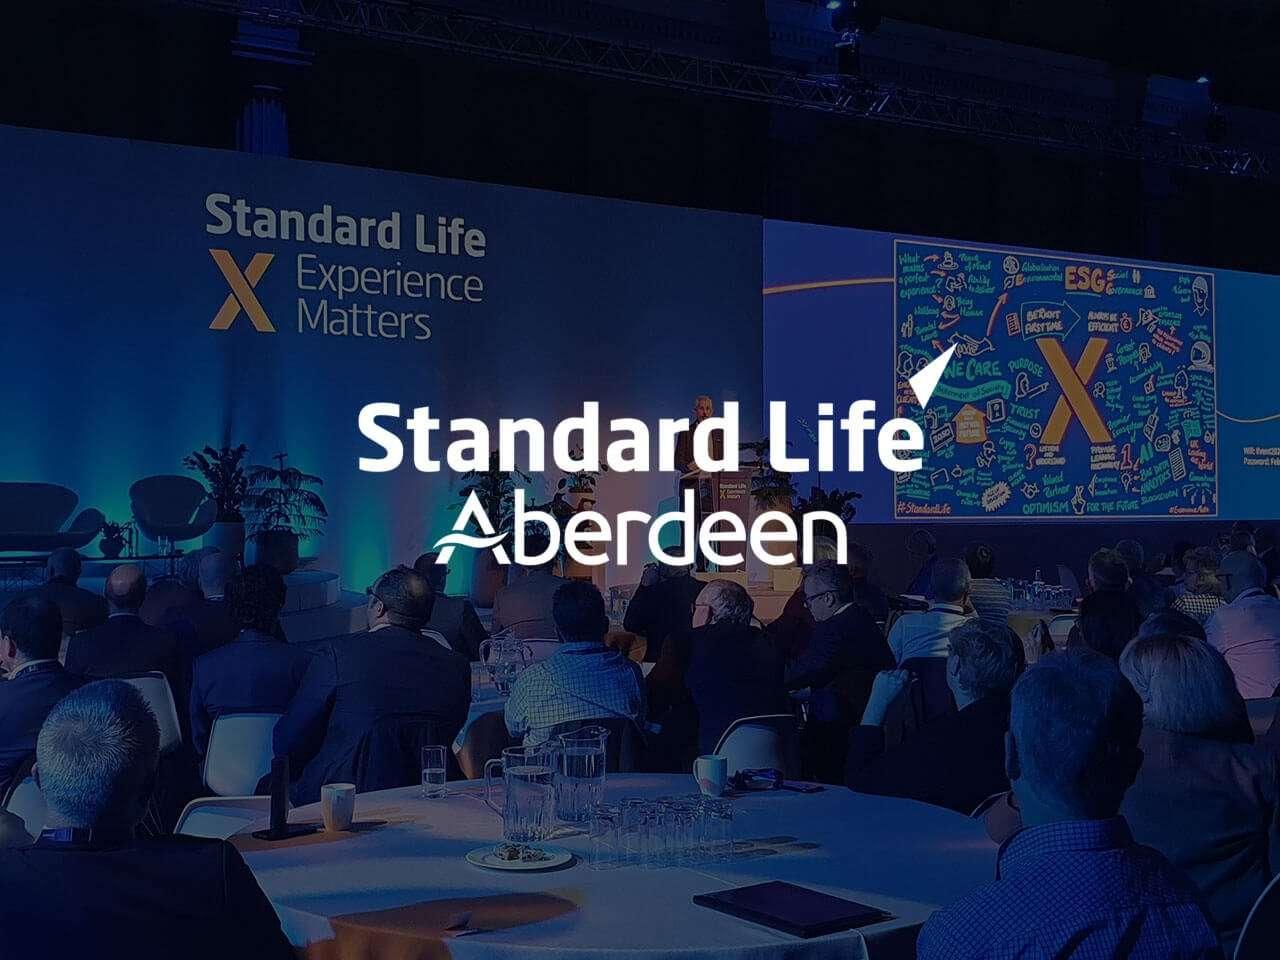 Aberdeen Standard Life